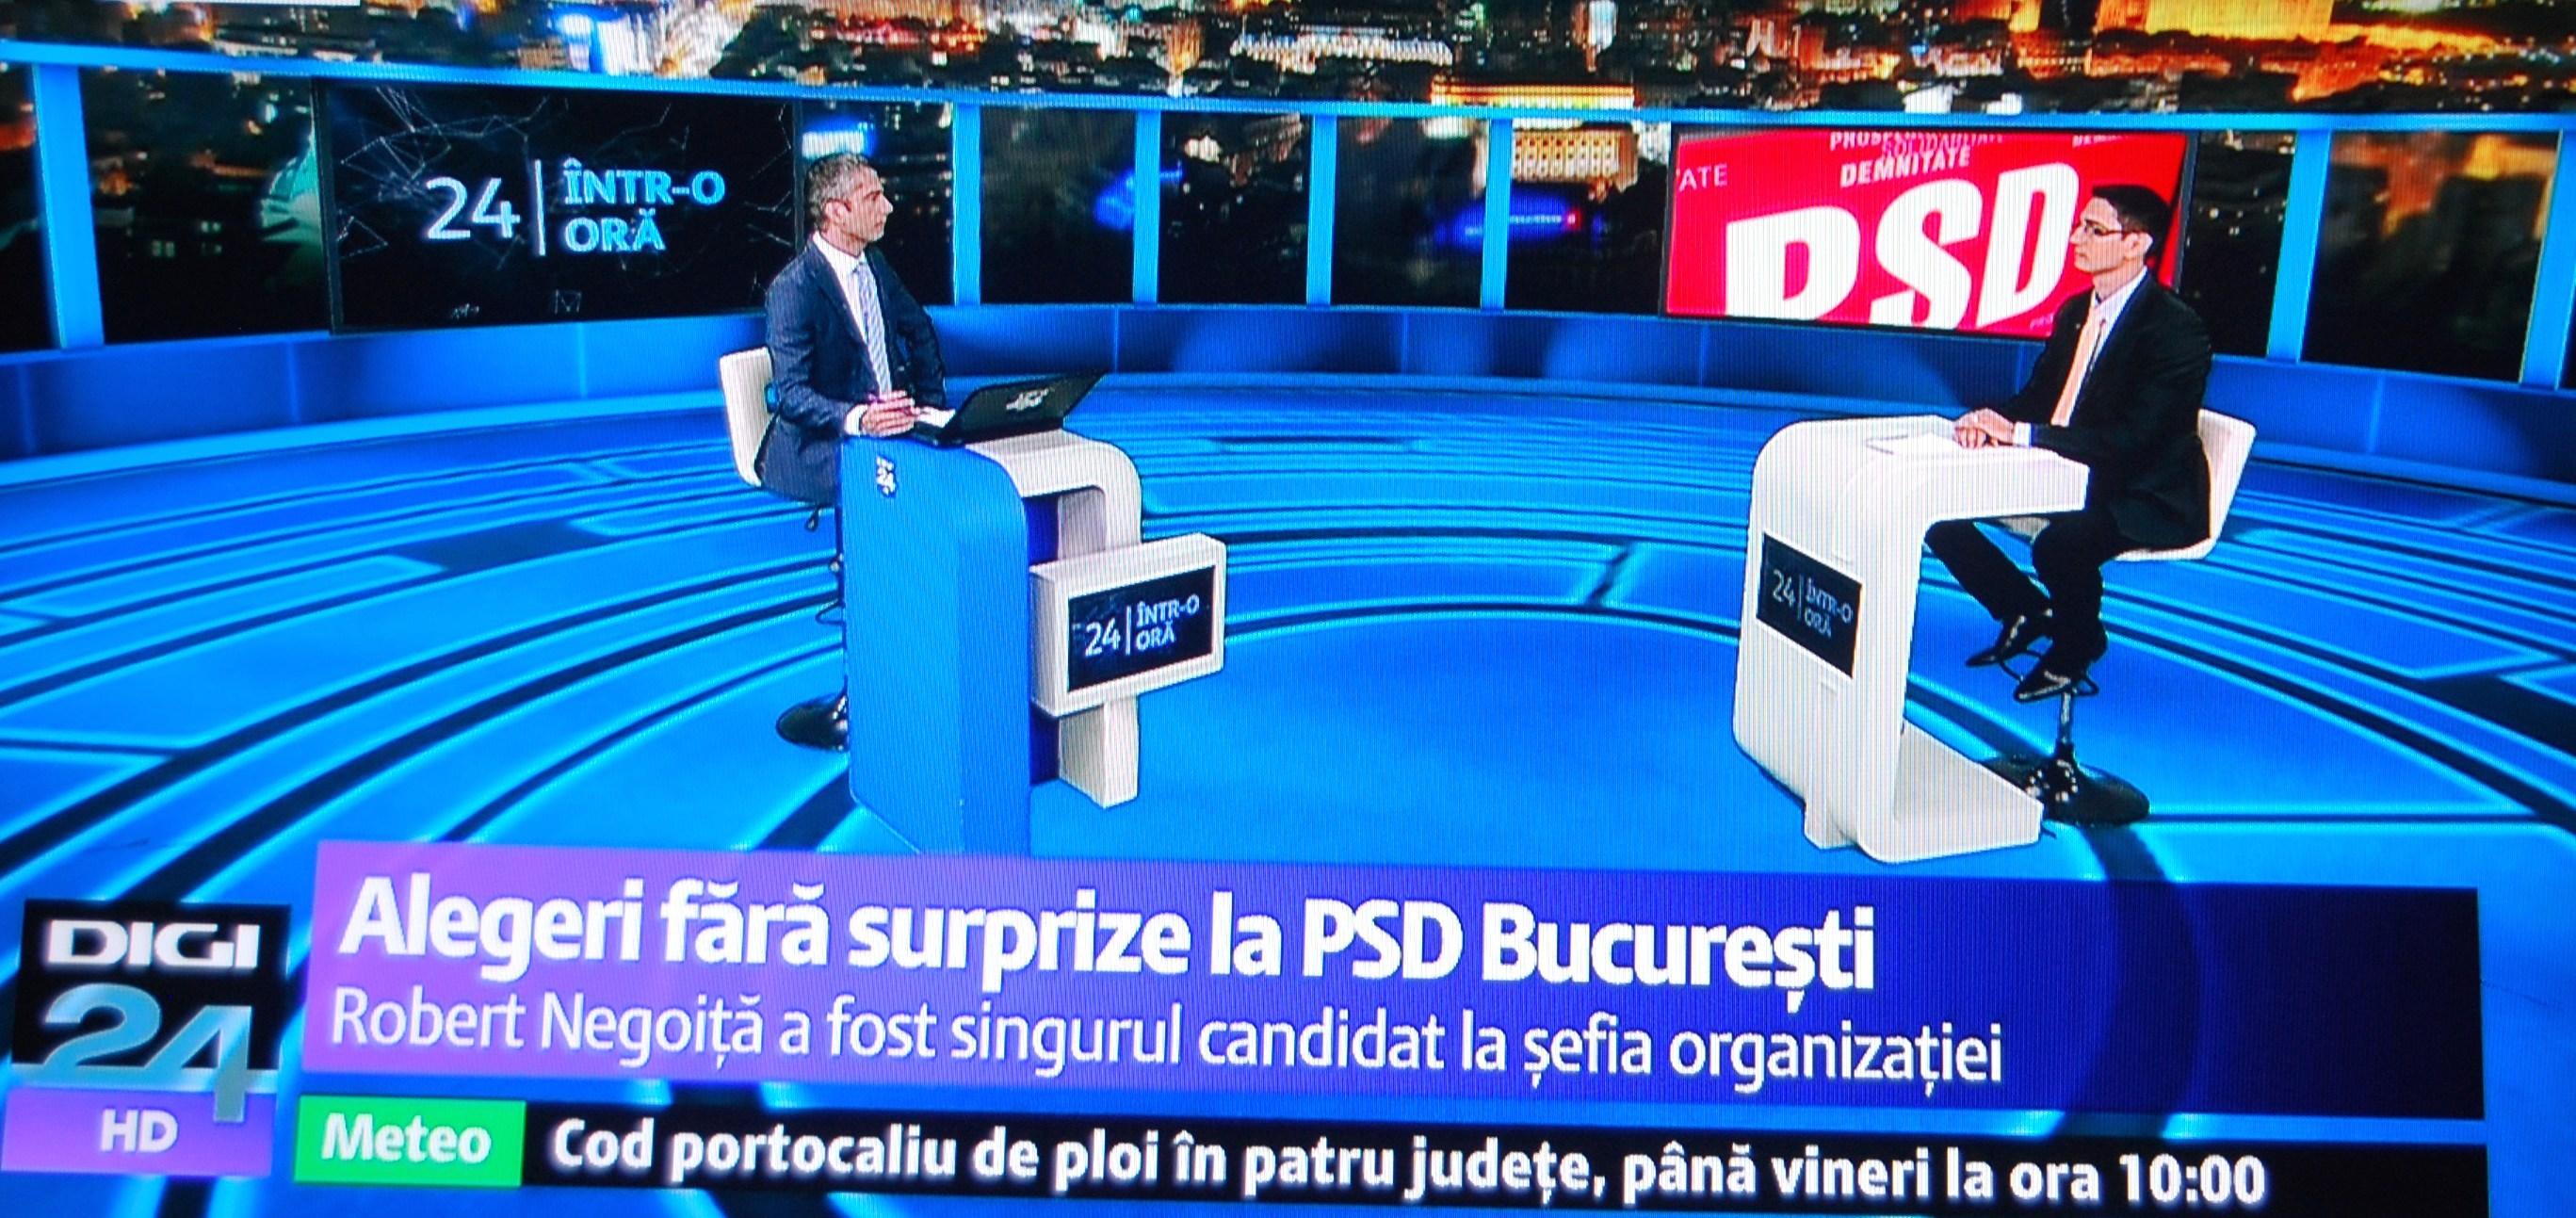 Ce calitati de lider are Robert Negoita pentru sefia PSD Bucuresti